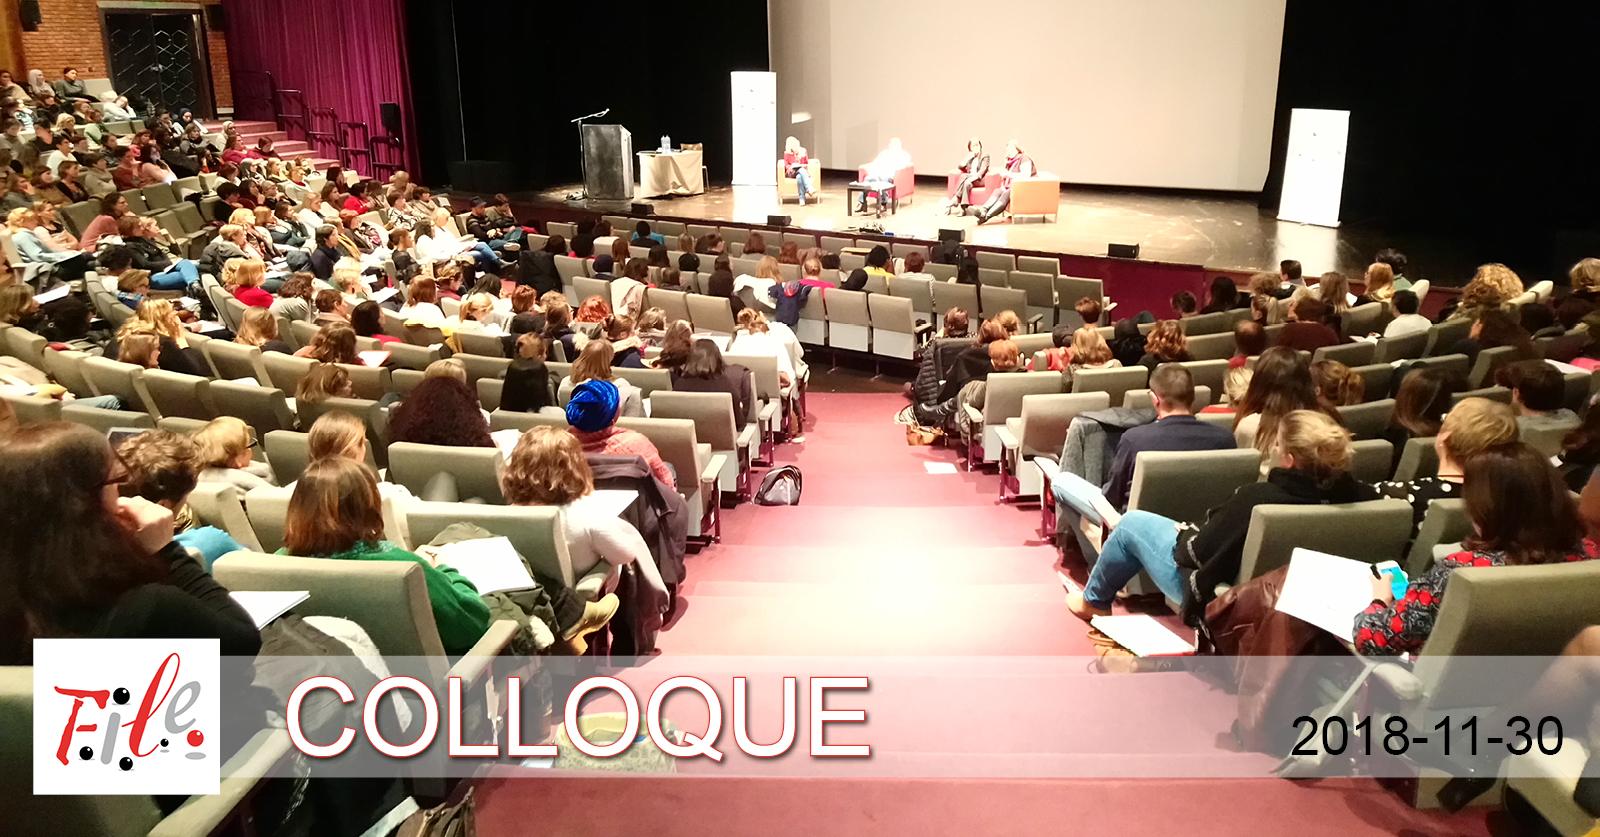 Salle comble et audience attentive à La Marlagne pour le colloque de la FILE.